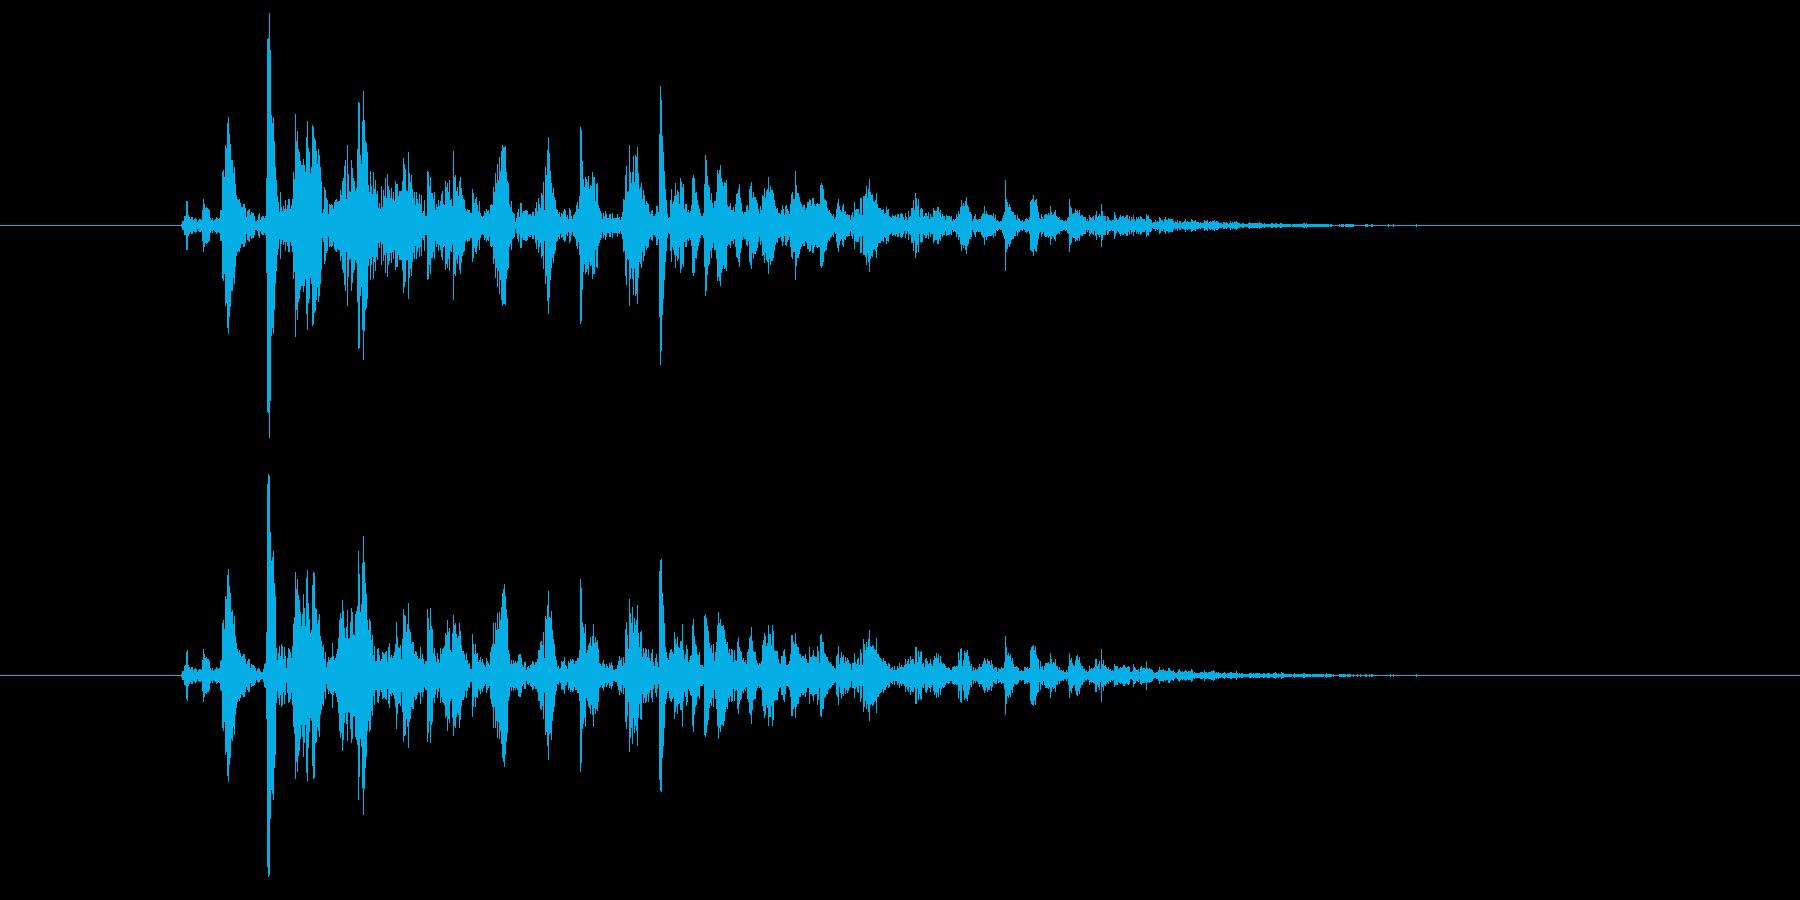 ブクブク(泡のような音) 02の再生済みの波形